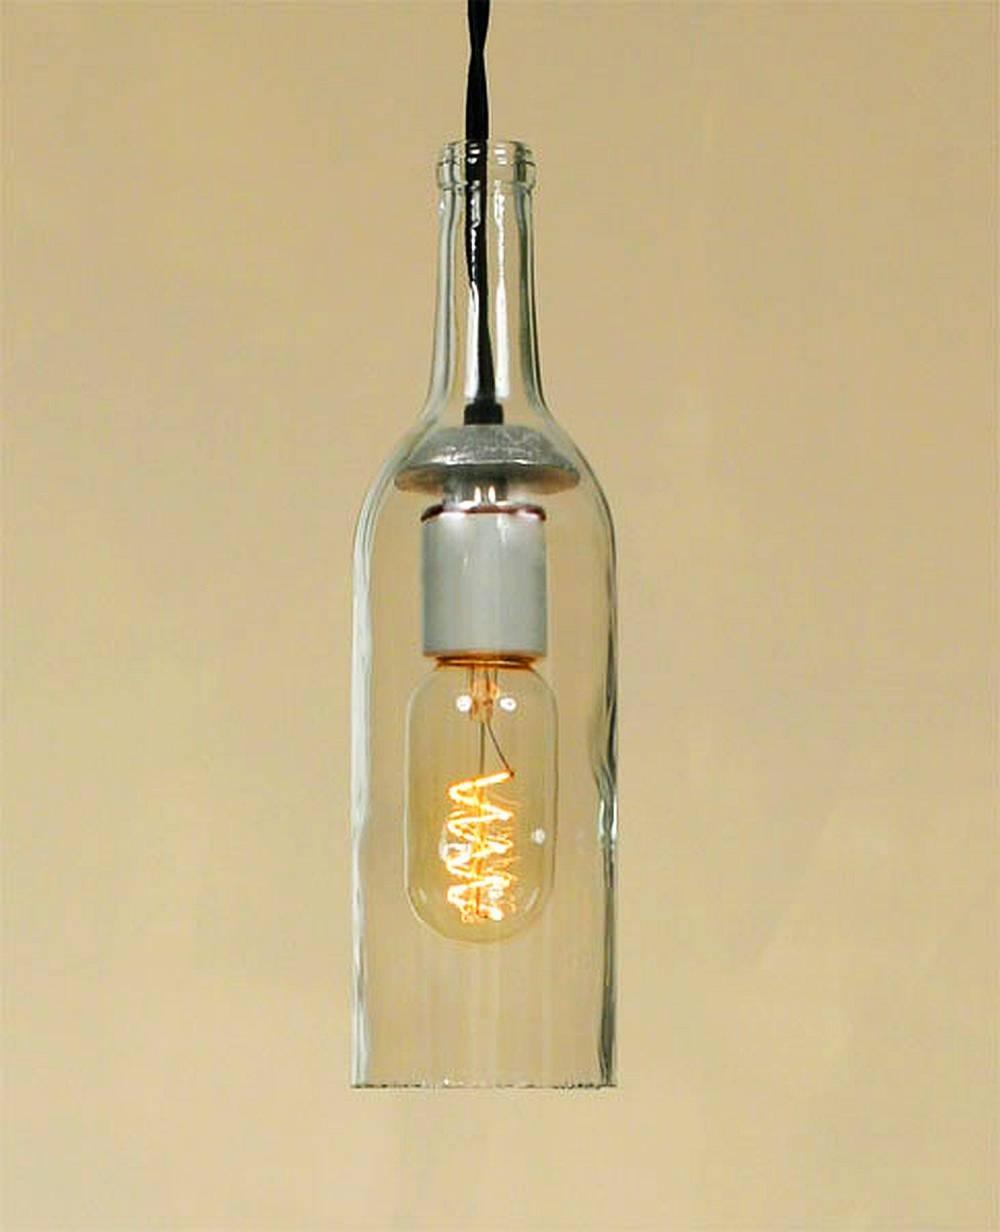 Wine Bottle Pendant Light Kit #11123 for Wine Bottle Pendants (Image 15 of 15)